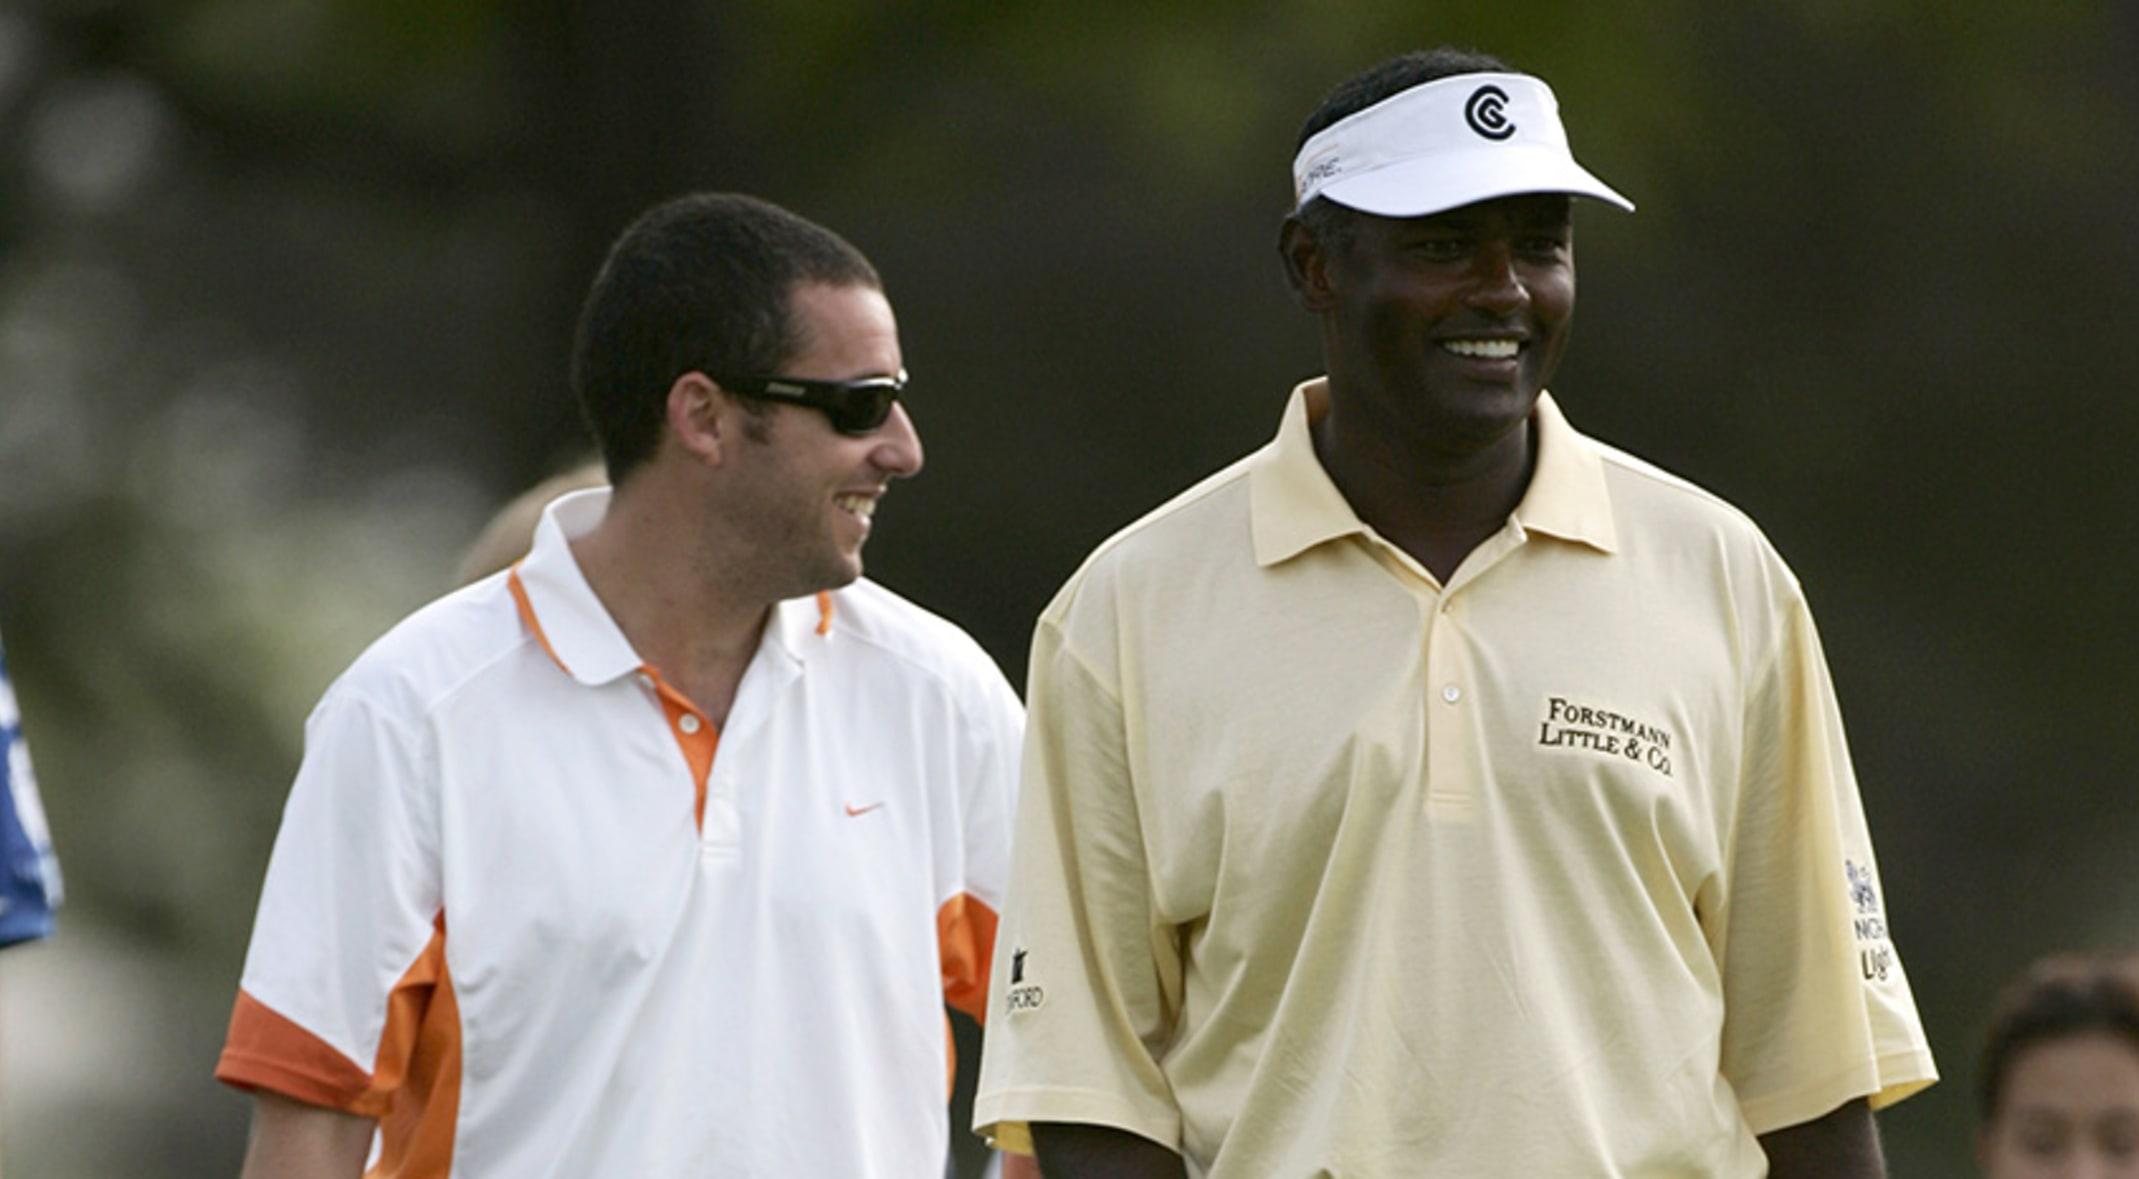 PGA TOUR players talk Happy Gilmore